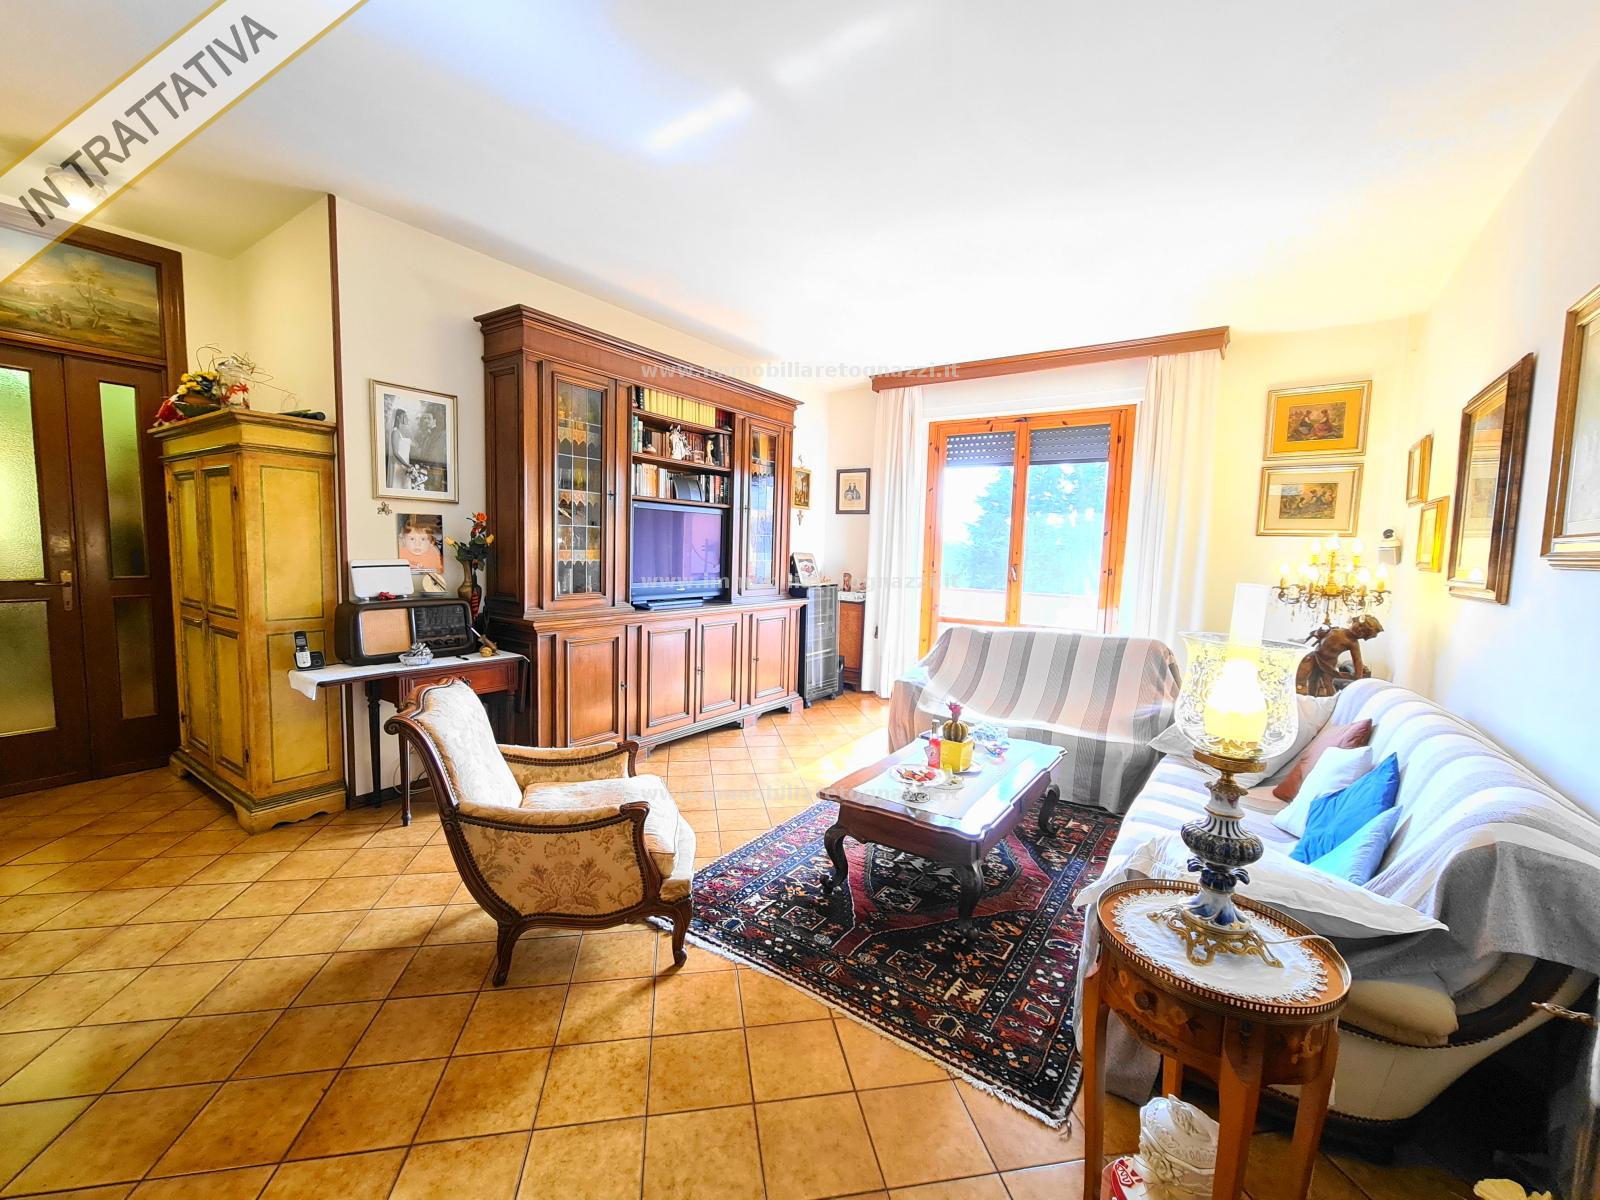 Appartamento in vendita a Certaldo, 5 locali, prezzo € 160.000 | PortaleAgenzieImmobiliari.it